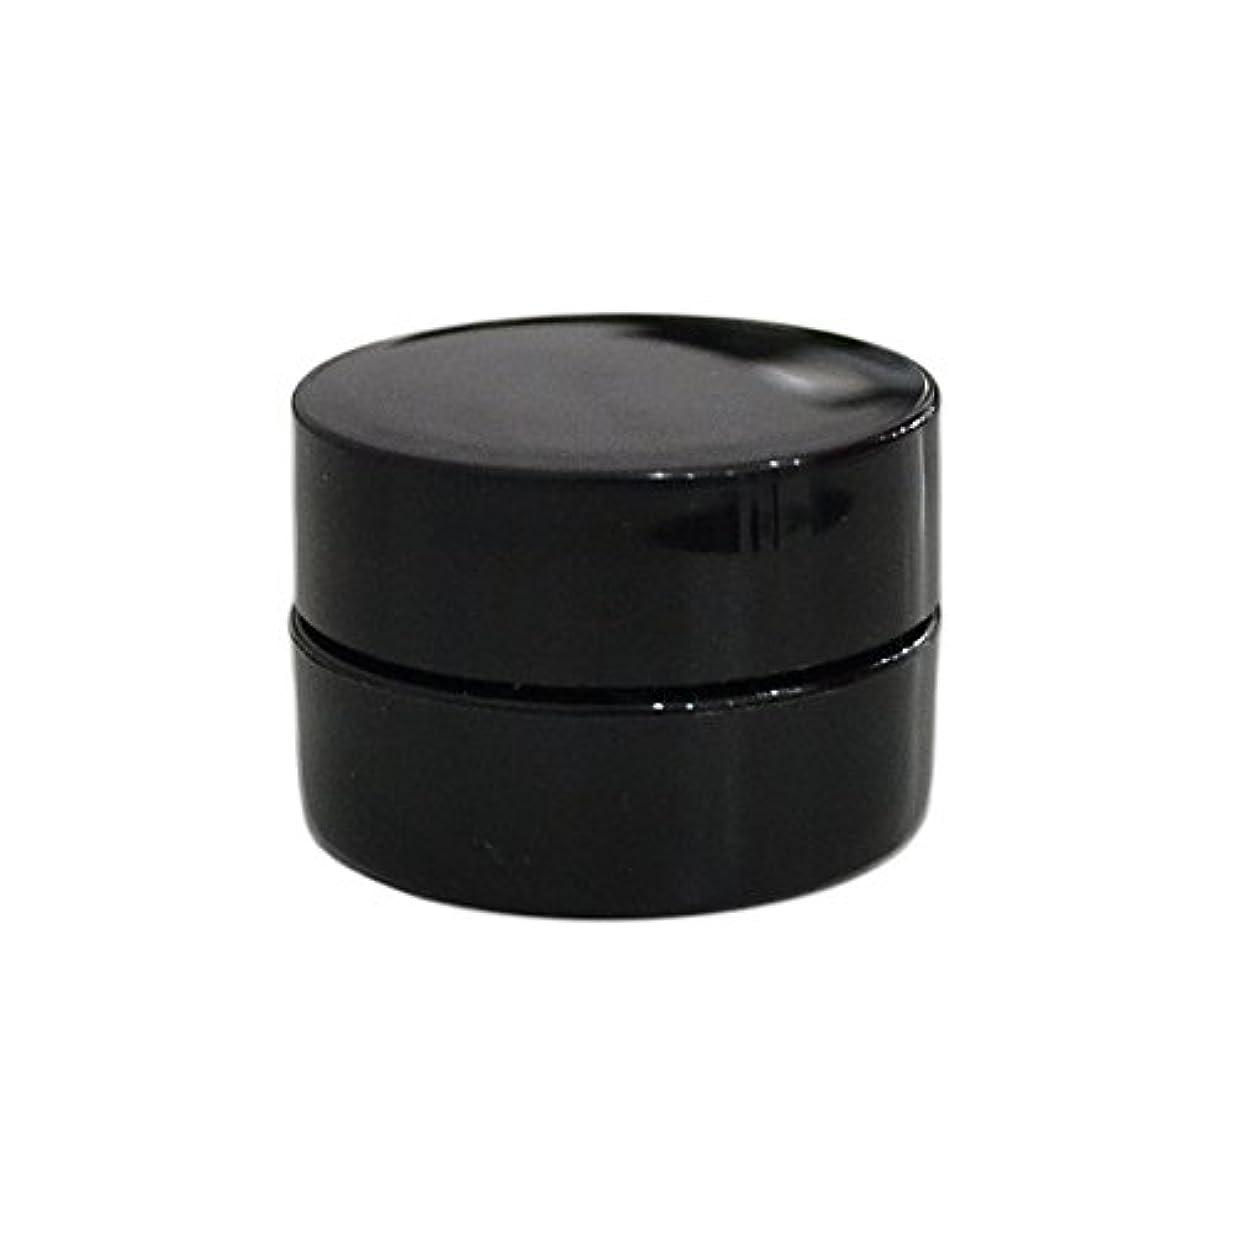 獲物勧告レンダー純国産ネイルジェルコンテナ 3g用 GA3g 漏れ防止パッキン&ブラシプレート付容器 ジェルを無駄なく使える底面傾斜あり 遮光 黒 ブラック